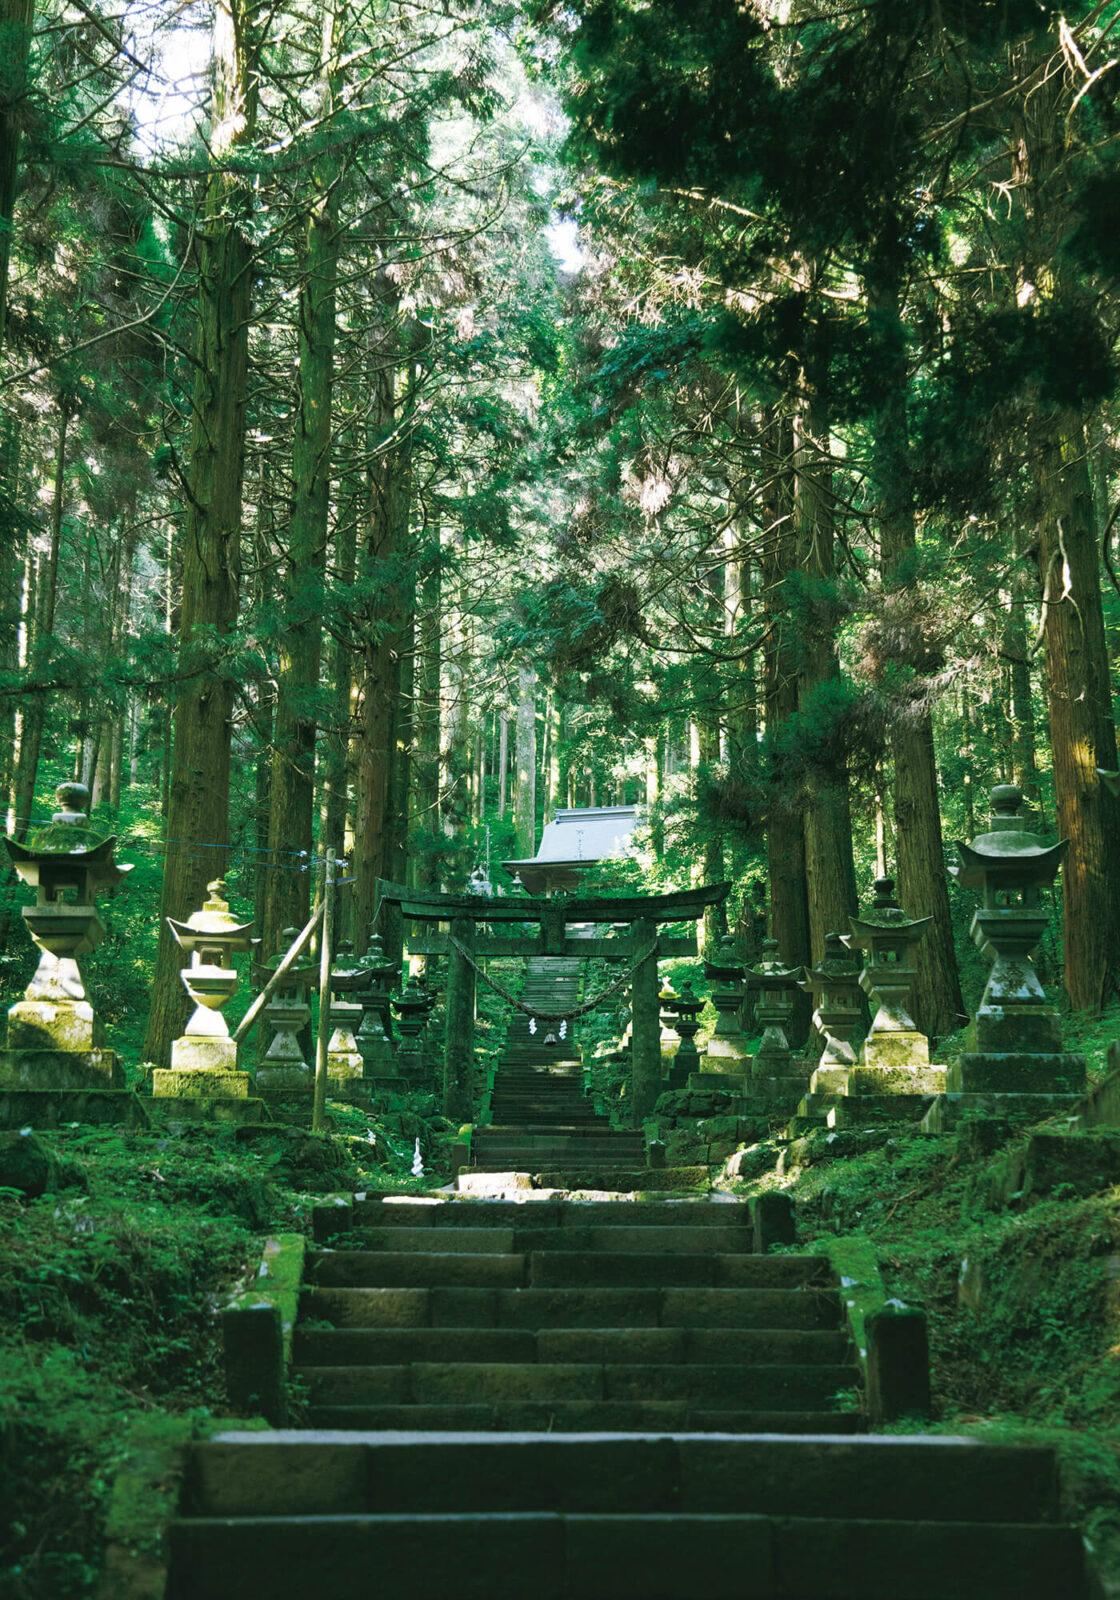 阿蘇随一のパワースポットともいわれる、上色見熊野座神社。97基の石灯籠を左右に石段を進むと、1段ごとに自分が森に溶けていく。本殿をさらに奥へと進めば、鬼八法師が蹴破ったといわれる「穿戸岩」がお目見えする。